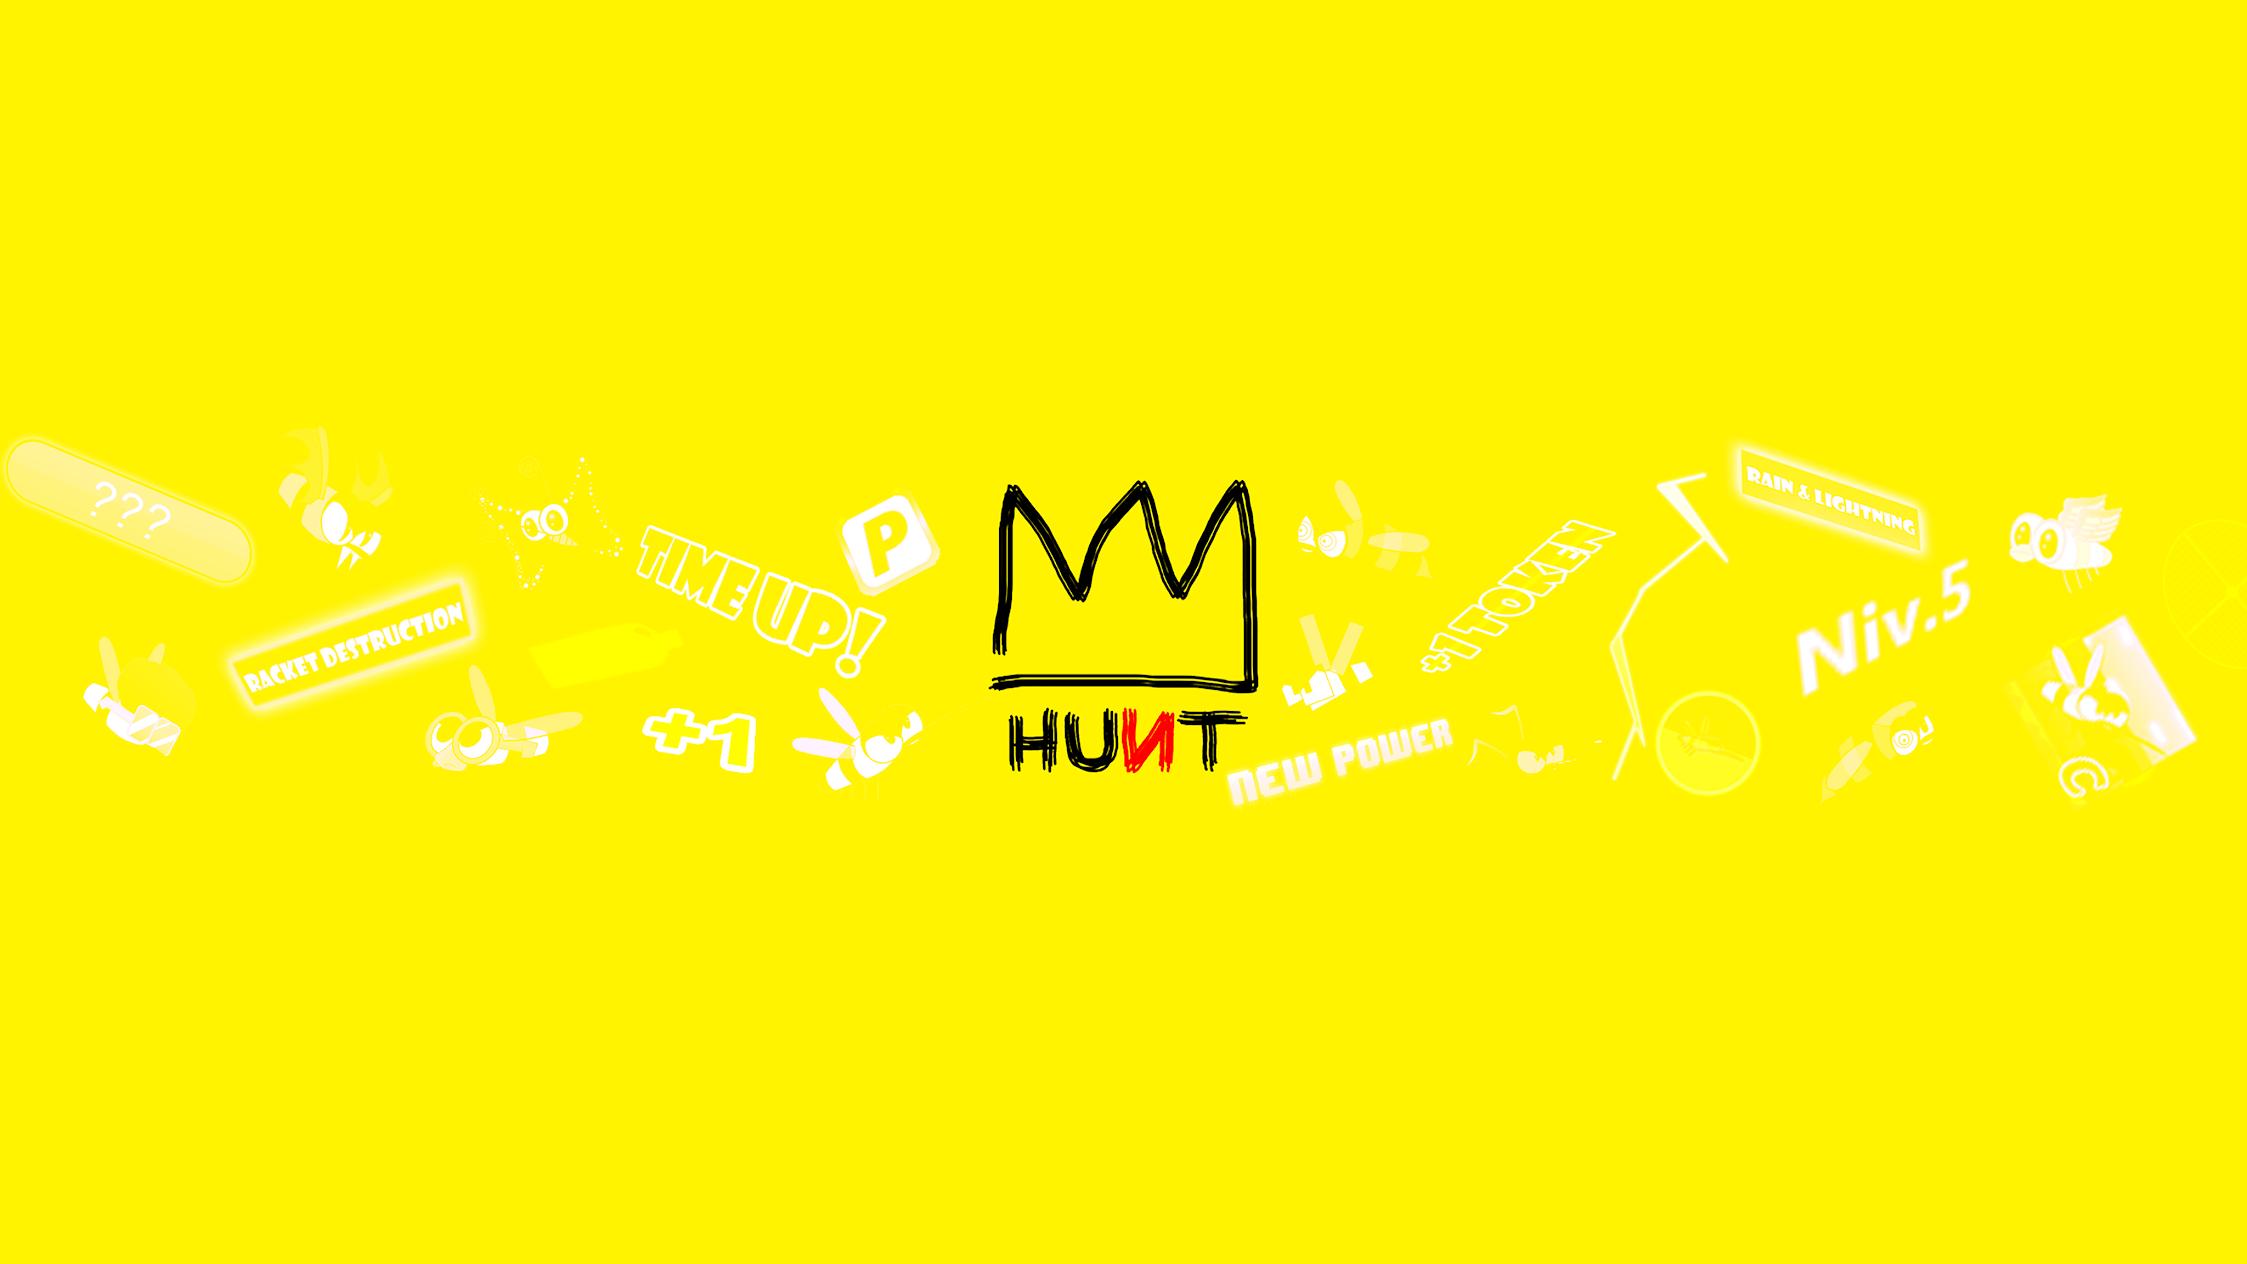 HUNT-games